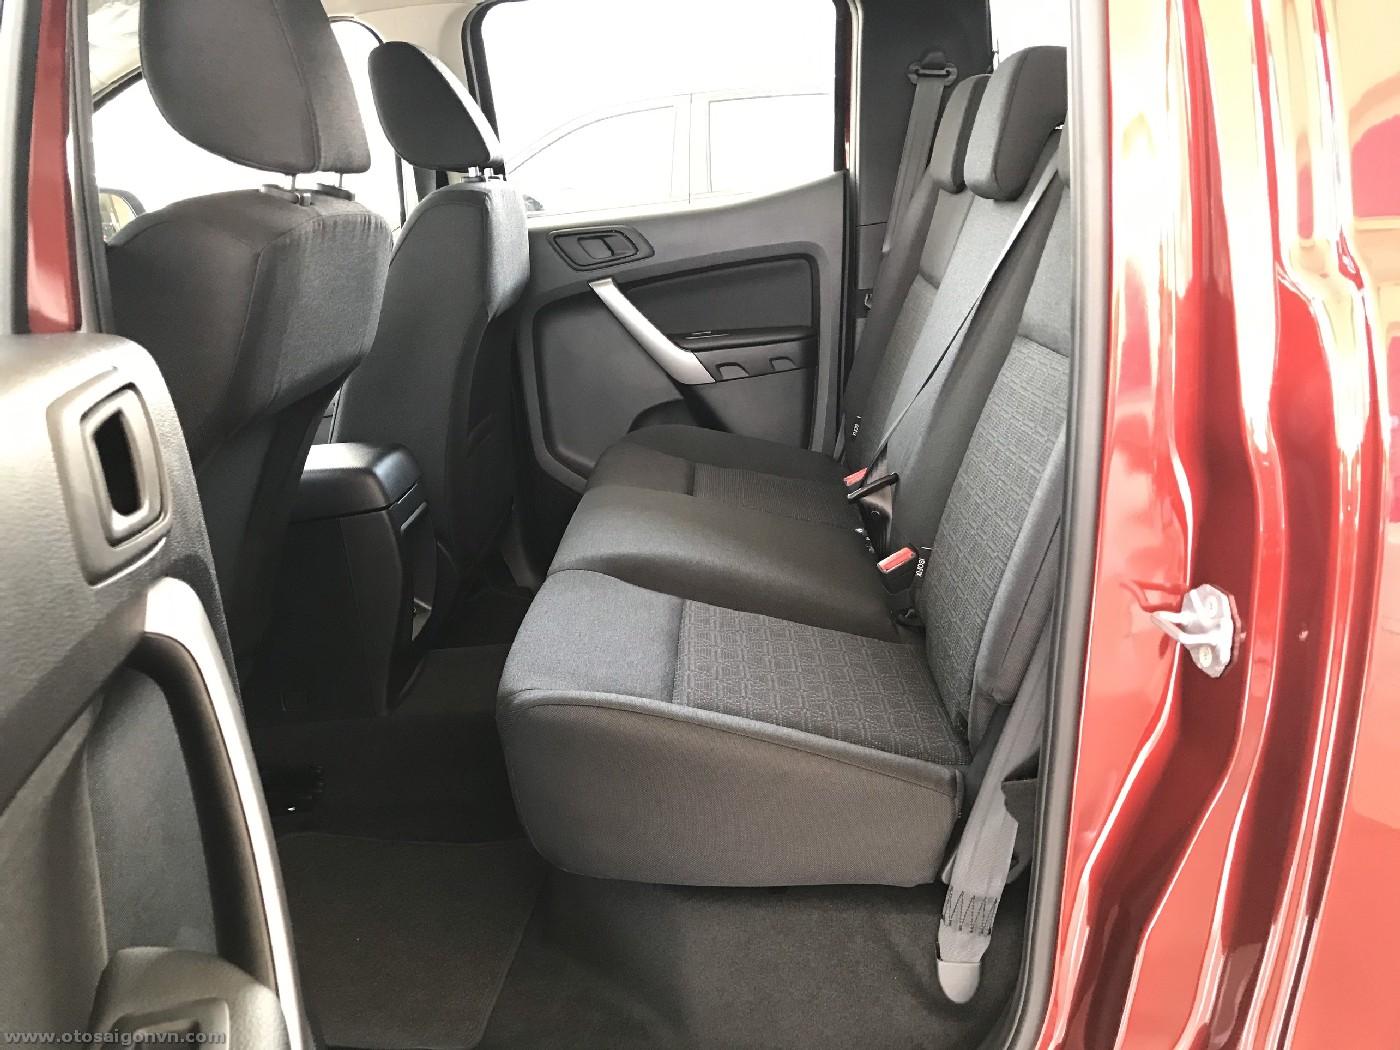 Ford Ranger XLS 2.2L 4x2 AT 2021 1 cầu số tự động mới giao ngay. 22